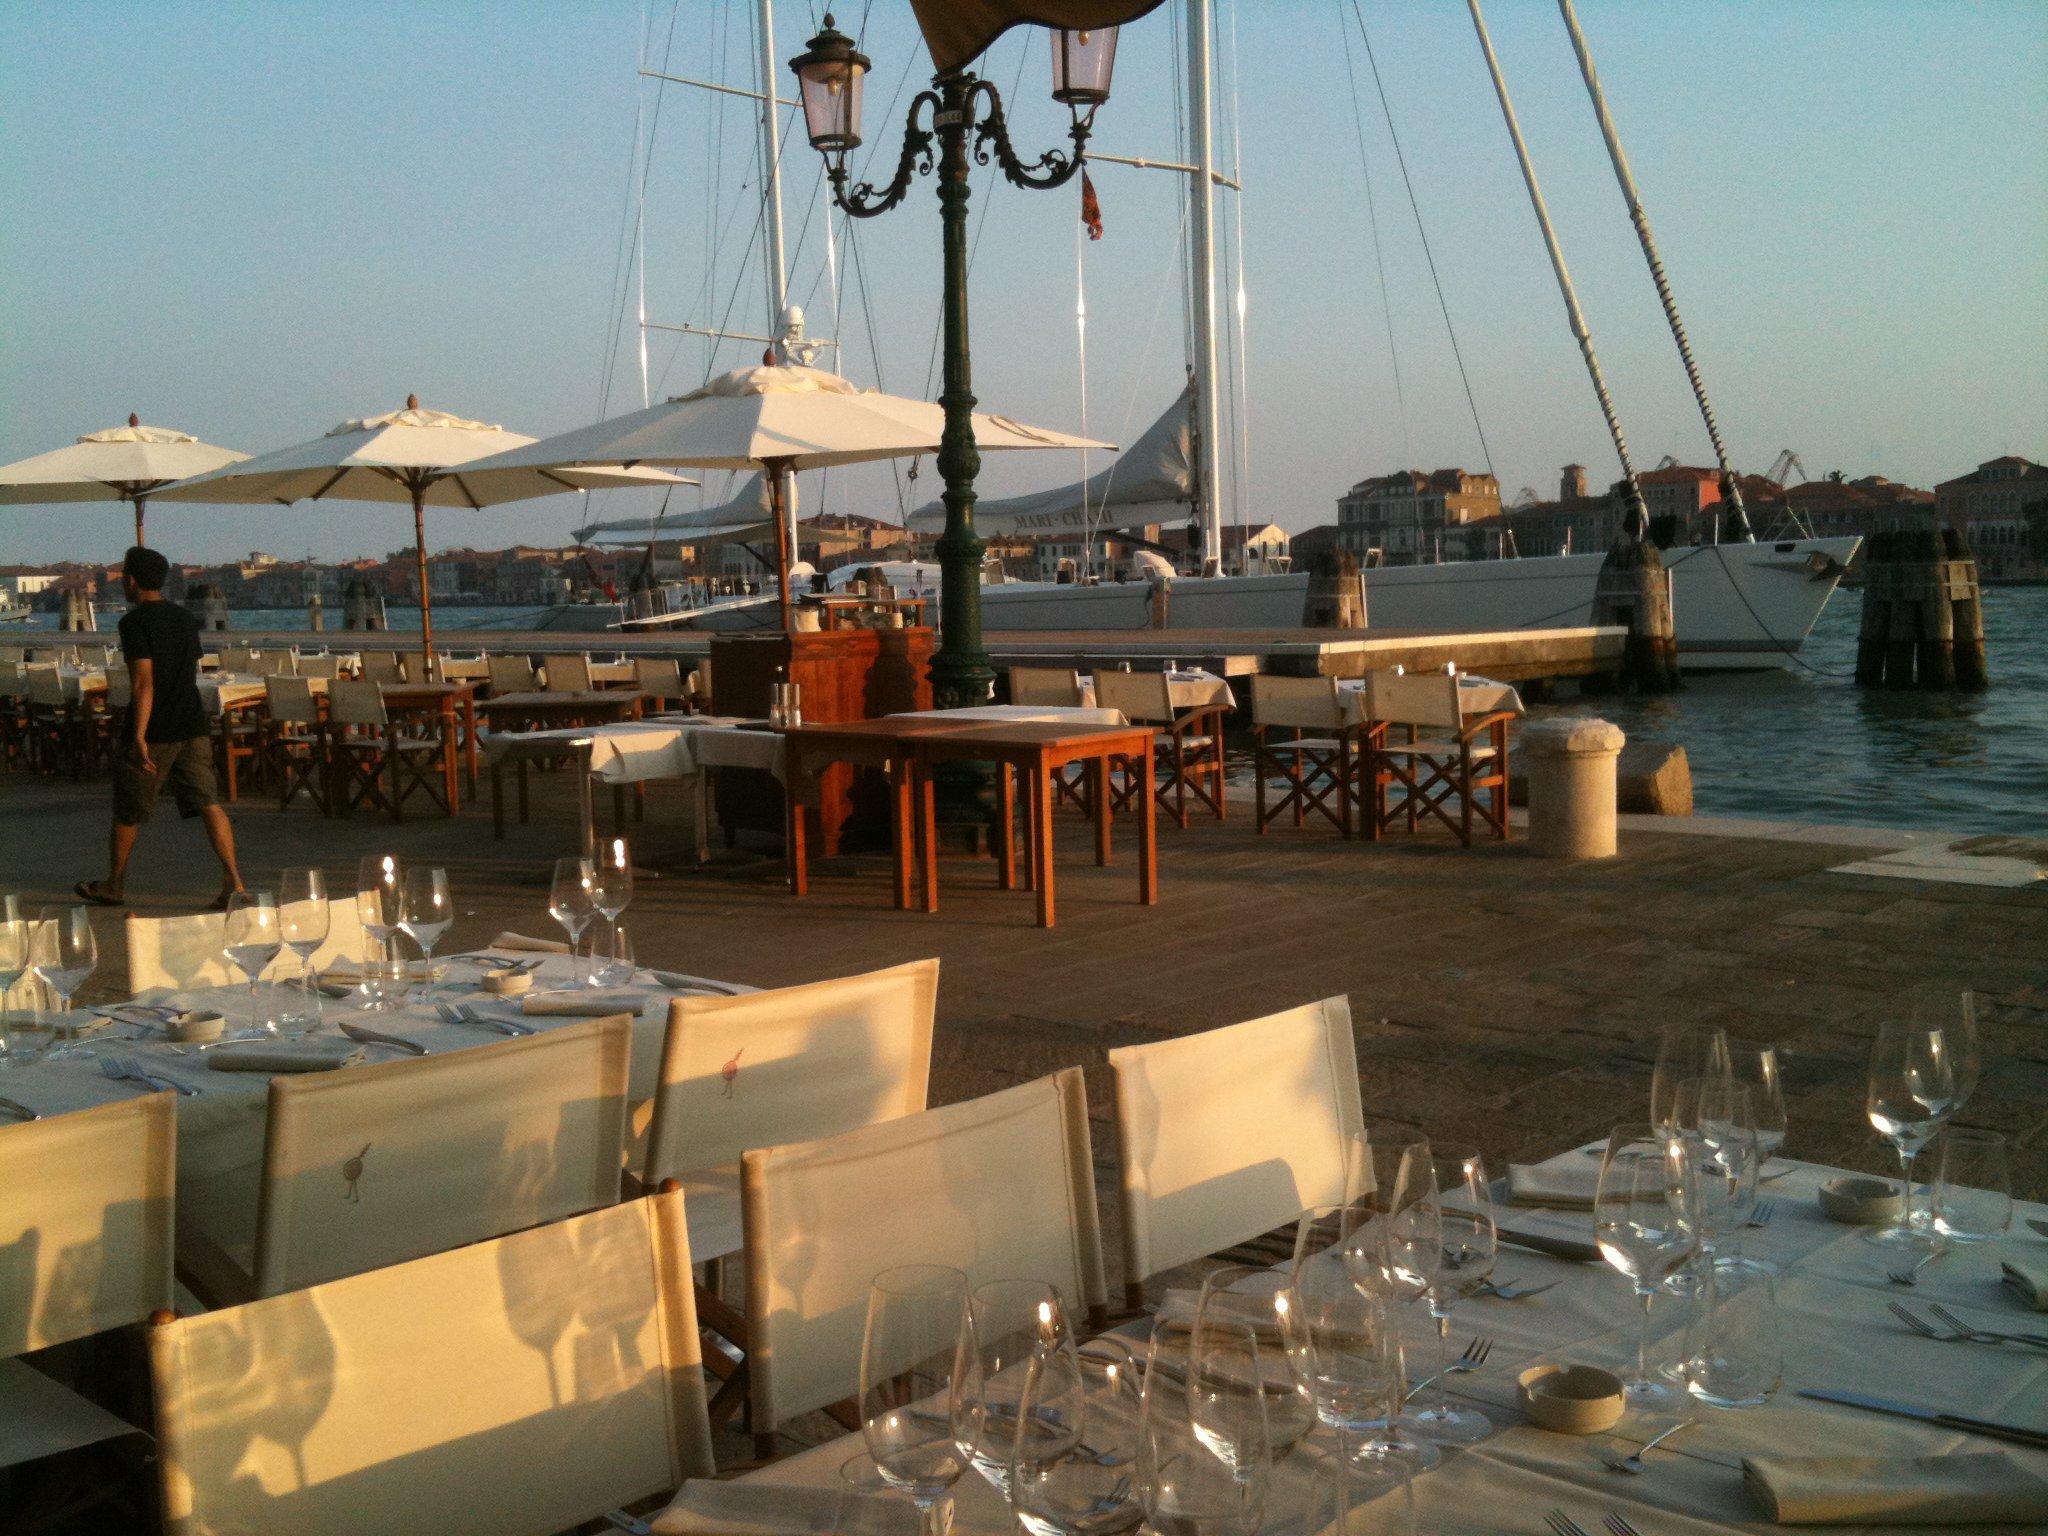 Hotel Alla Riviera Bardolino Vr Italien